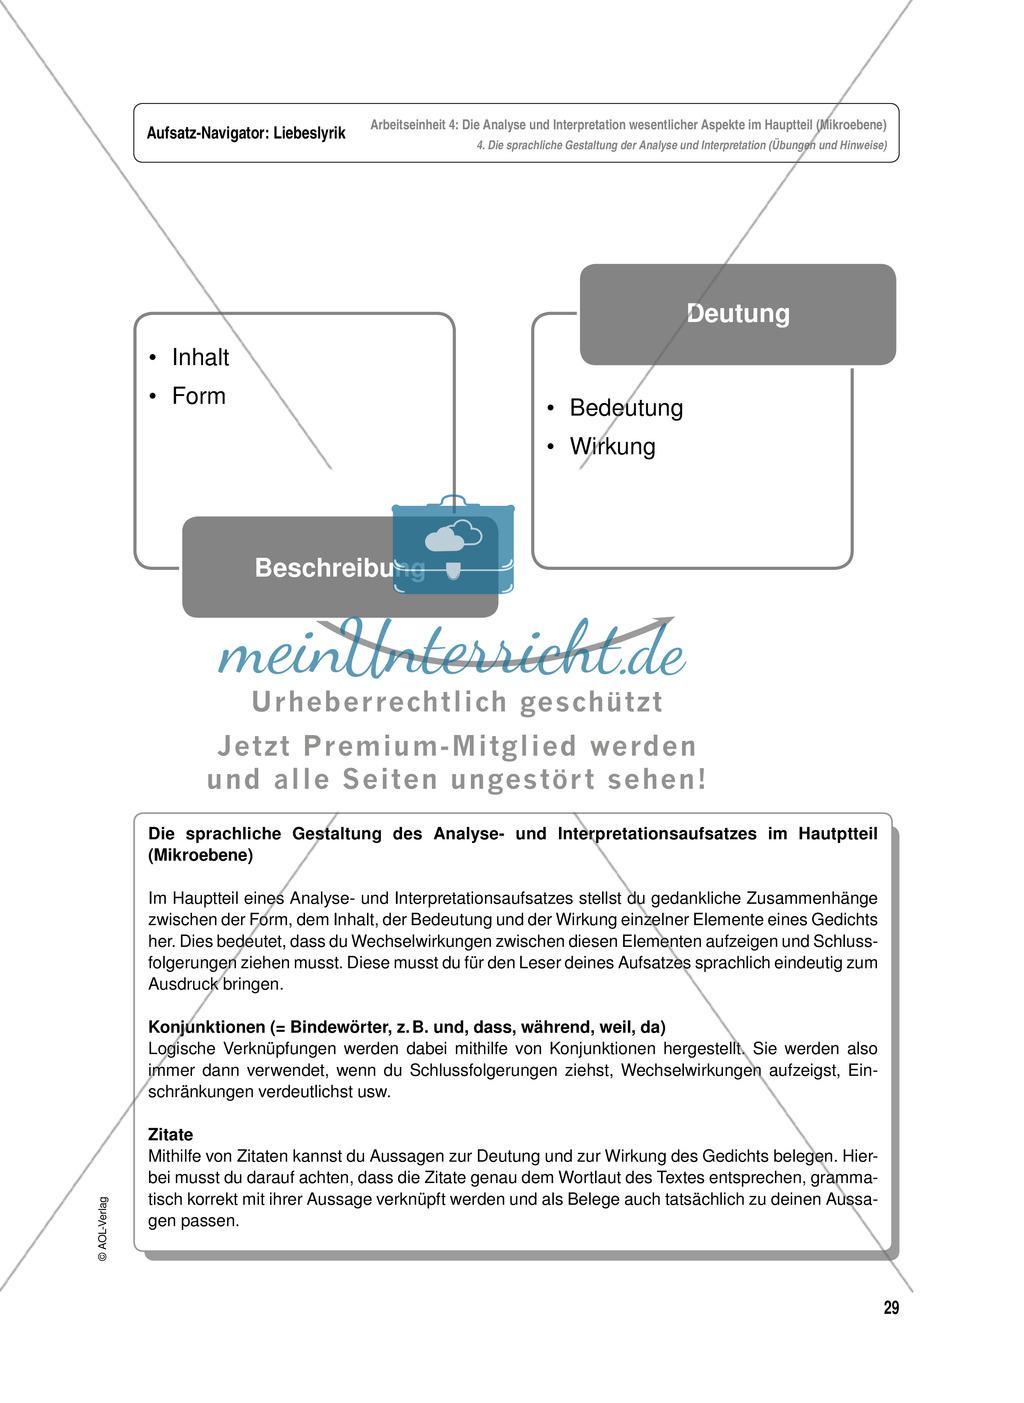 Arbeitseinheit zur Gestaltung einer Analyse / Interpretation von Liebeslyrik - Die Analyse und Interpretation wesentlicher Aspekte im Hauptteil (Mikroebene) Preview 6